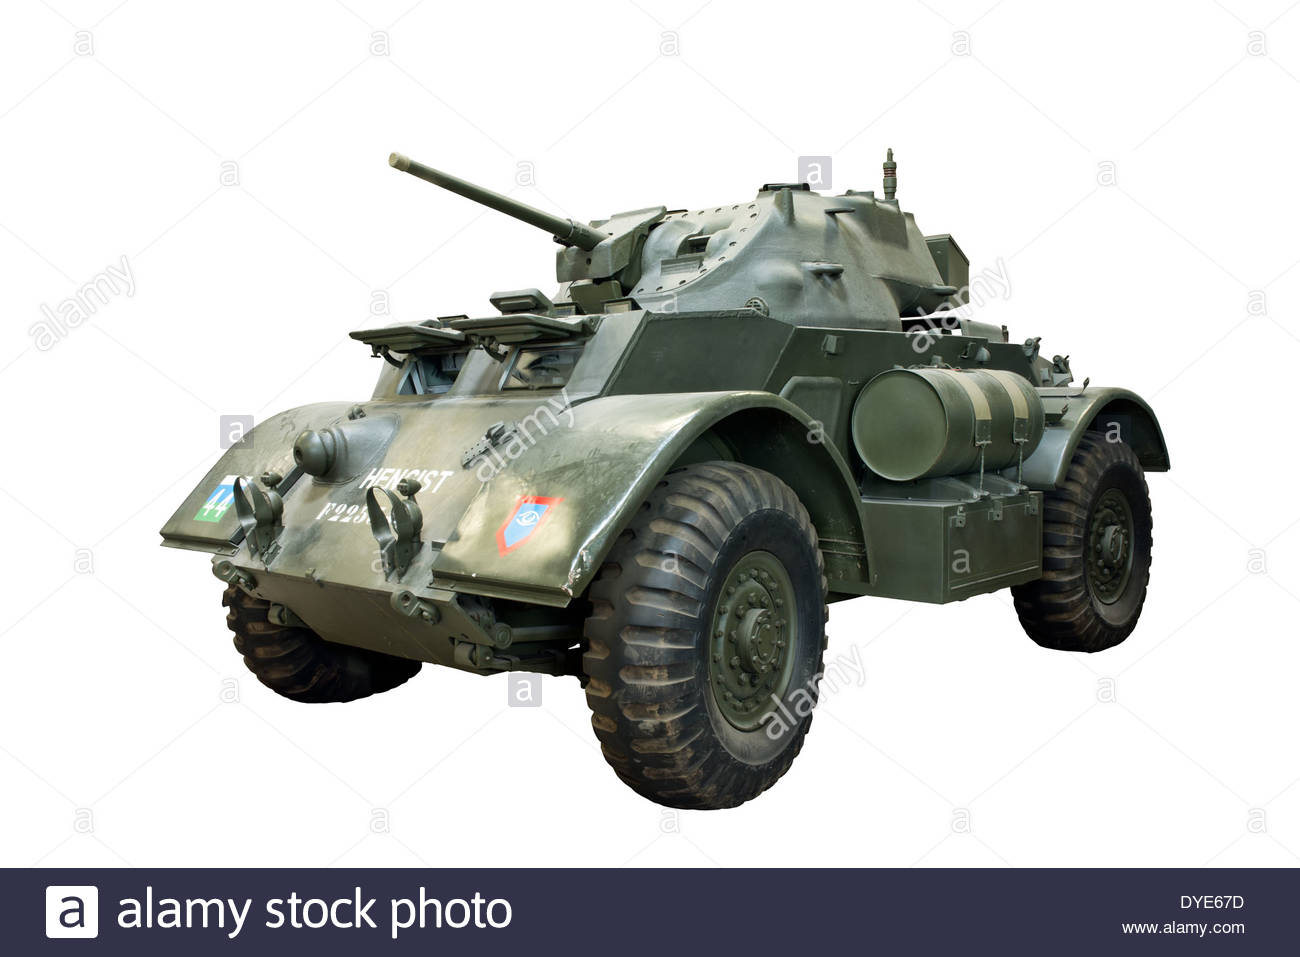 British Armored Tank Stock Photos & British Armored Tank Stock.